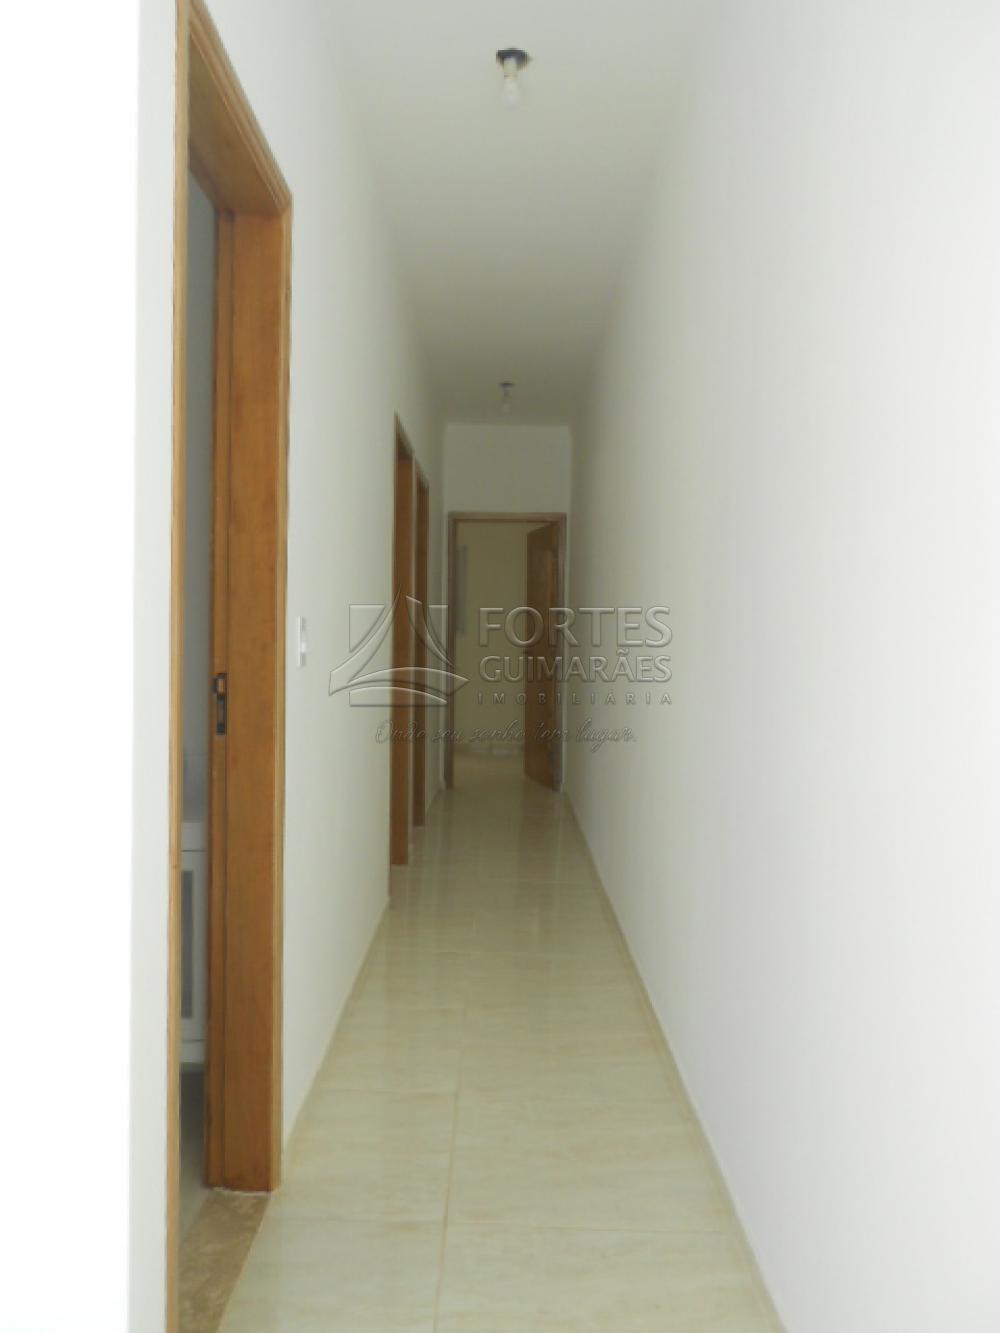 Alugar Casas / Padrão em Bonfim Paulista apenas R$ 1.300,00 - Foto 8